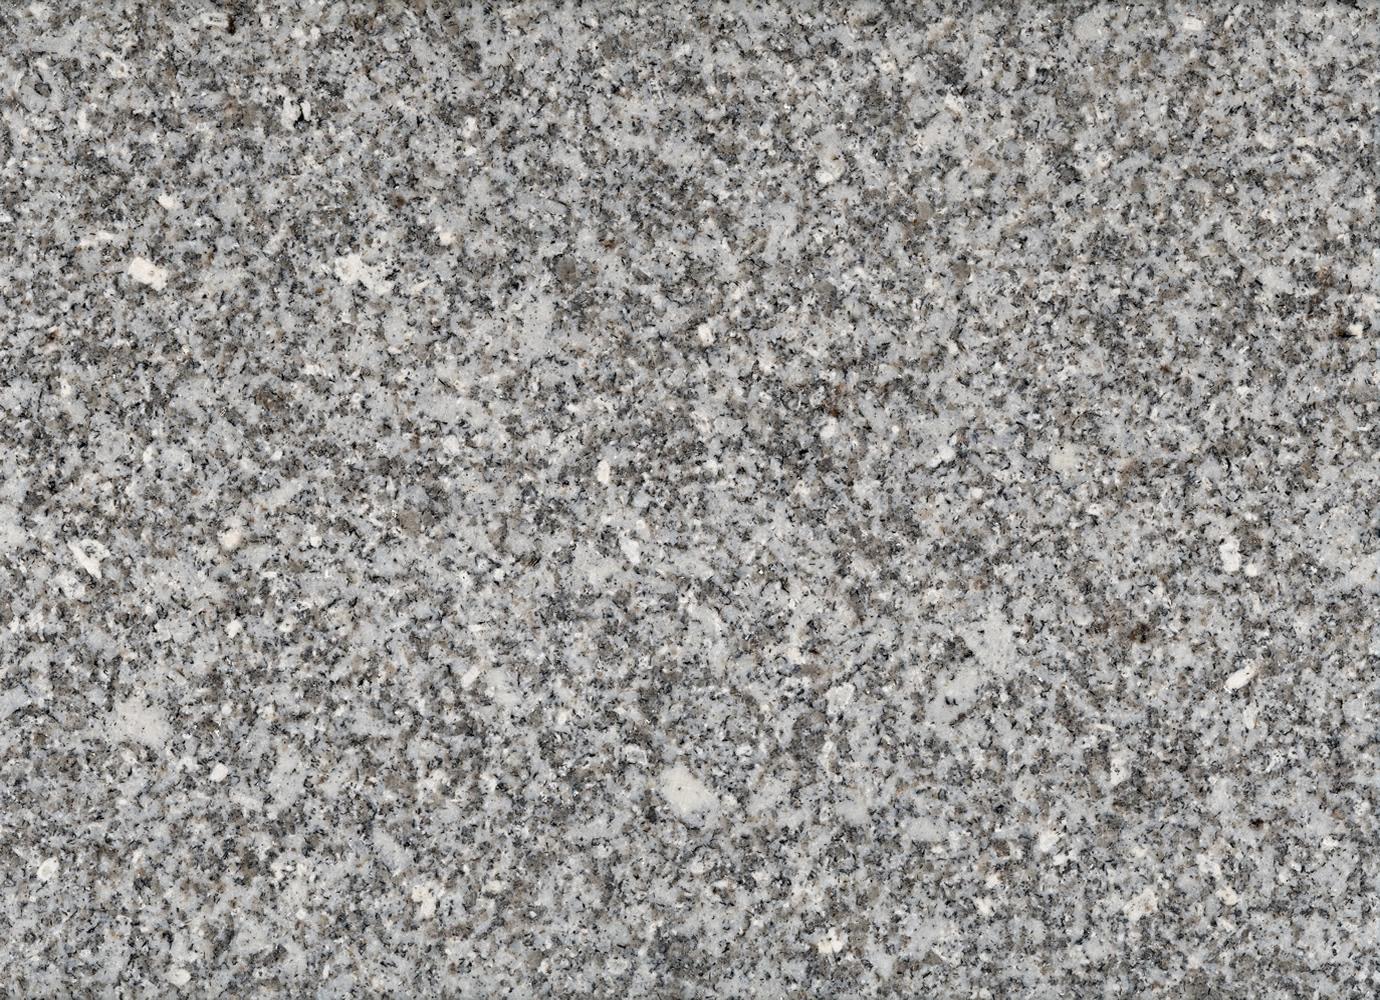 Pedra Natural, Mármore, Granito.